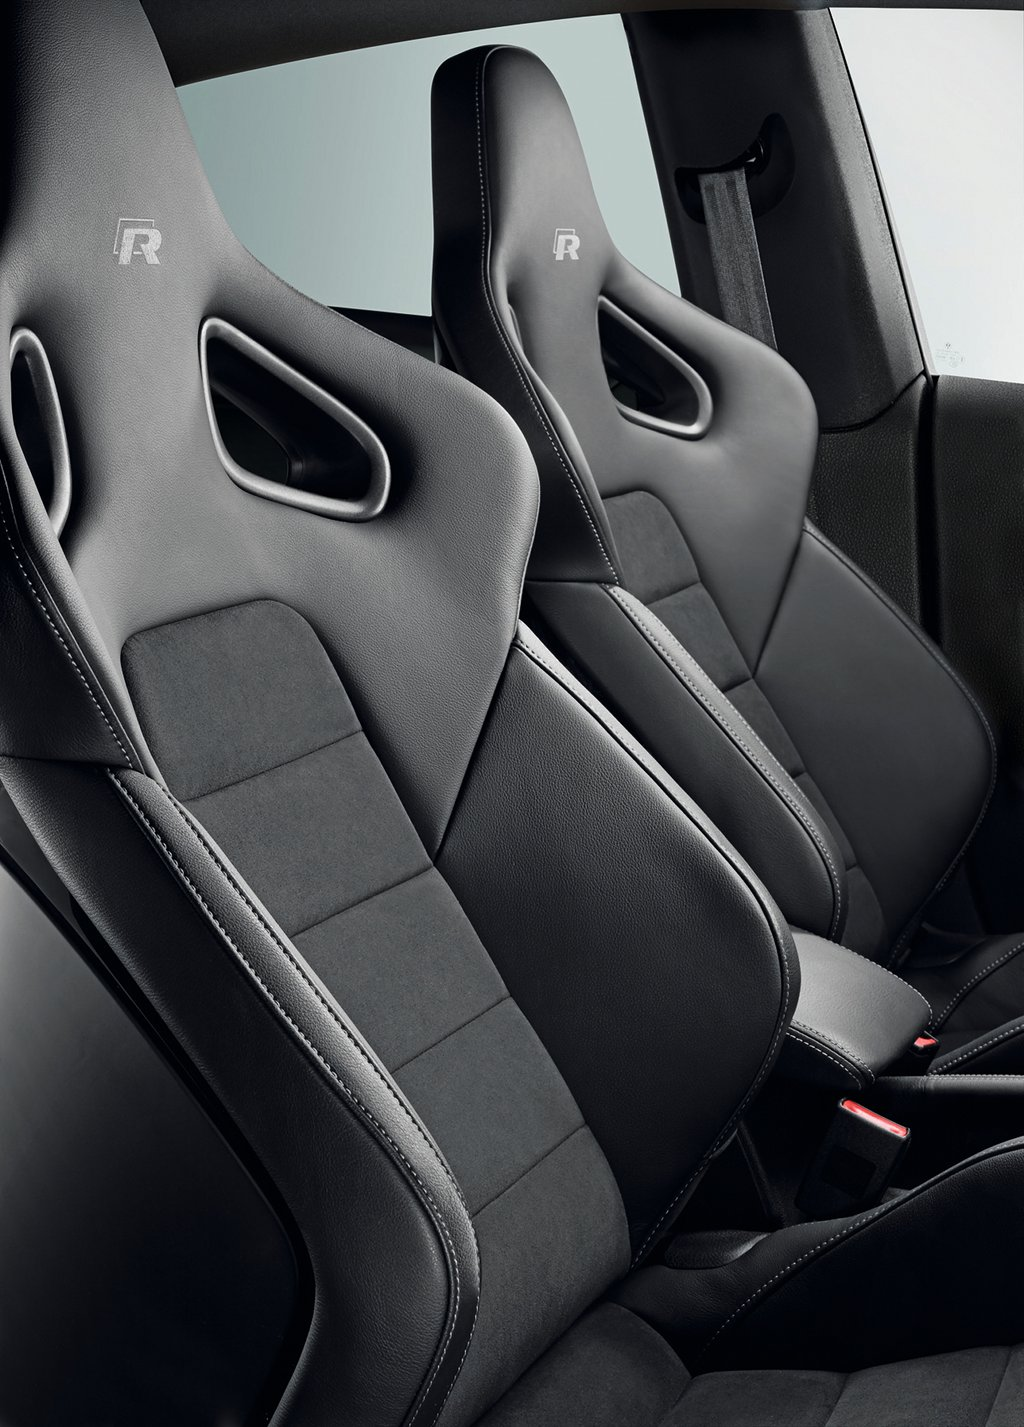 Volkswagen Scirocco R Gets Bucket Seats Autoevolution